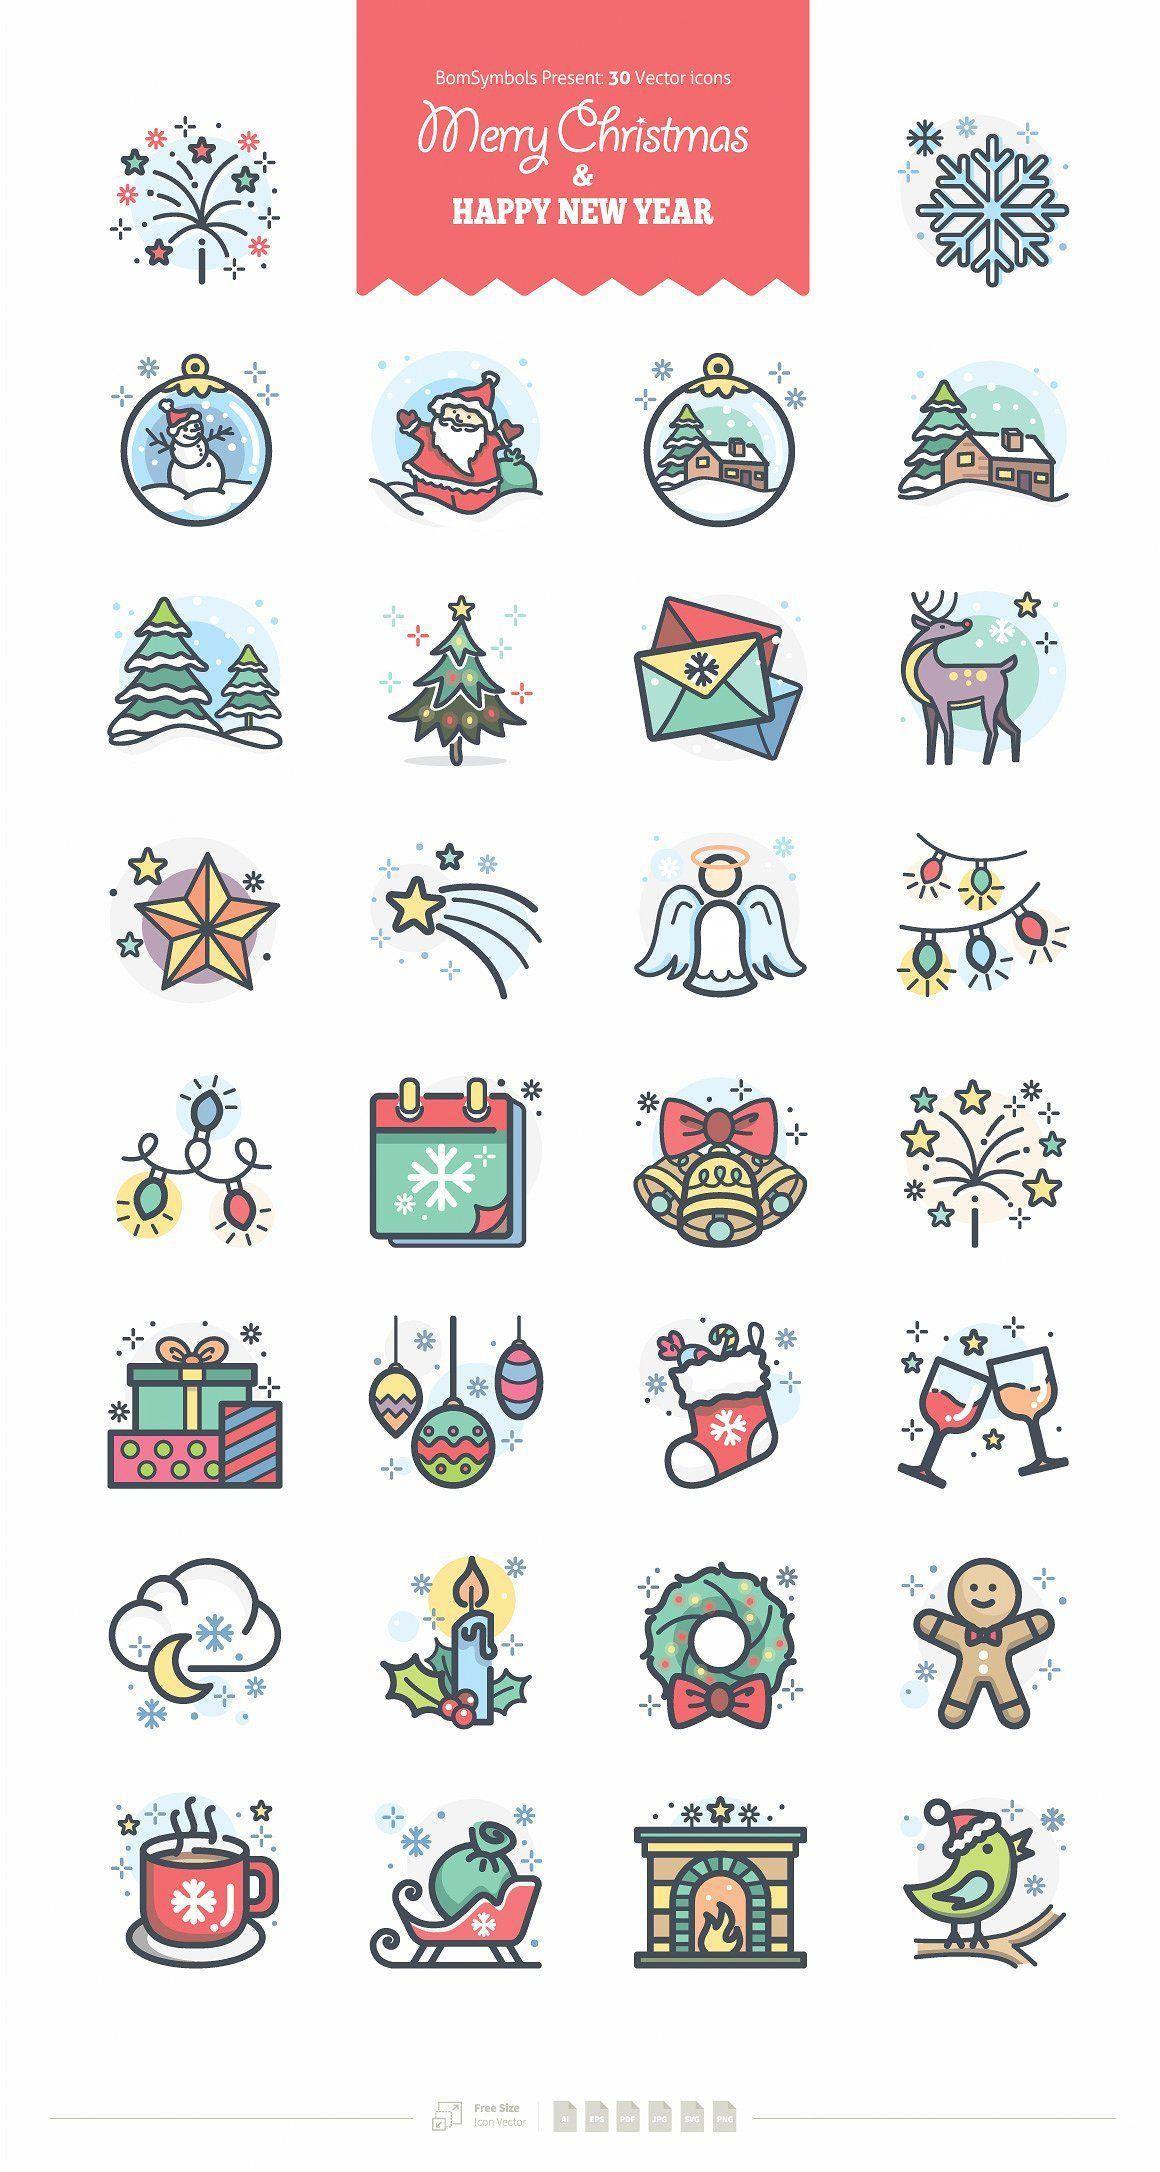 #christmasdecorating